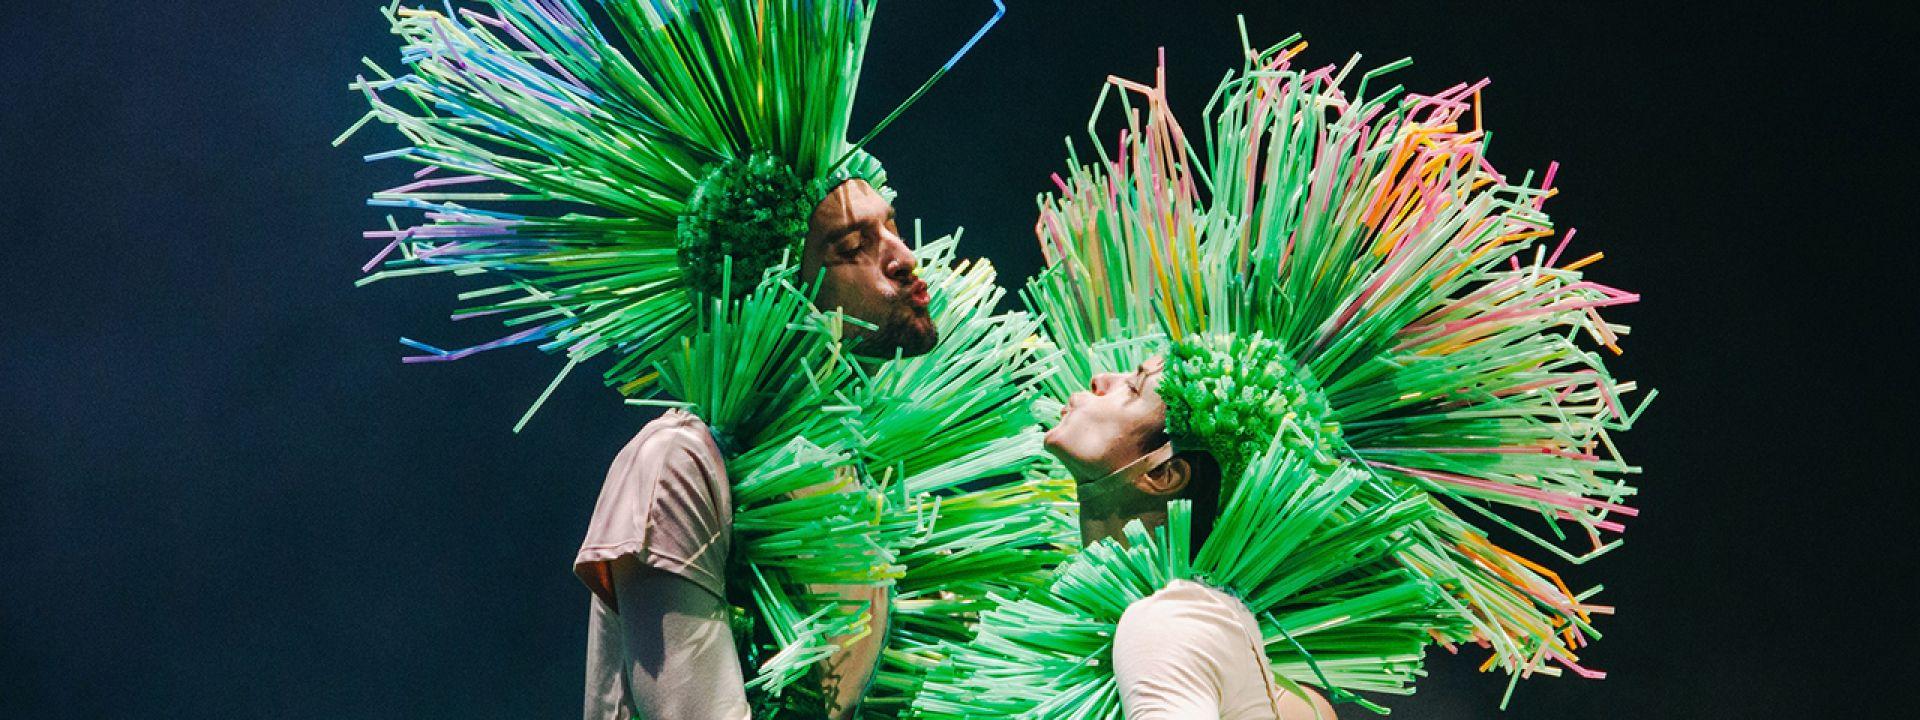 Φωτογραφία από τη παράσταση Τέσσερις Εποχές